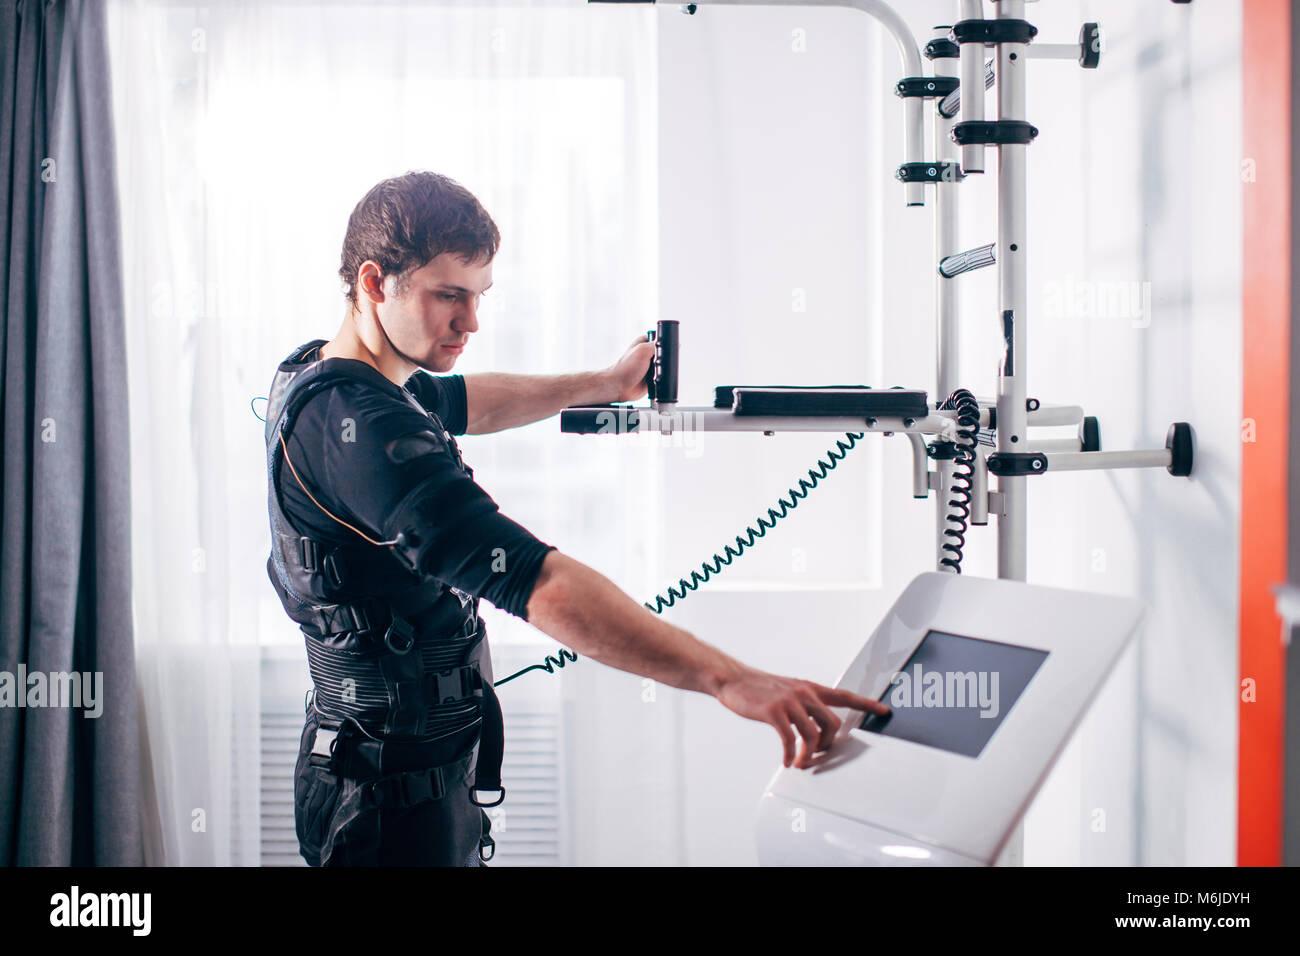 Athlet Regulierung der Intensität der Ems electro muskuläre ...